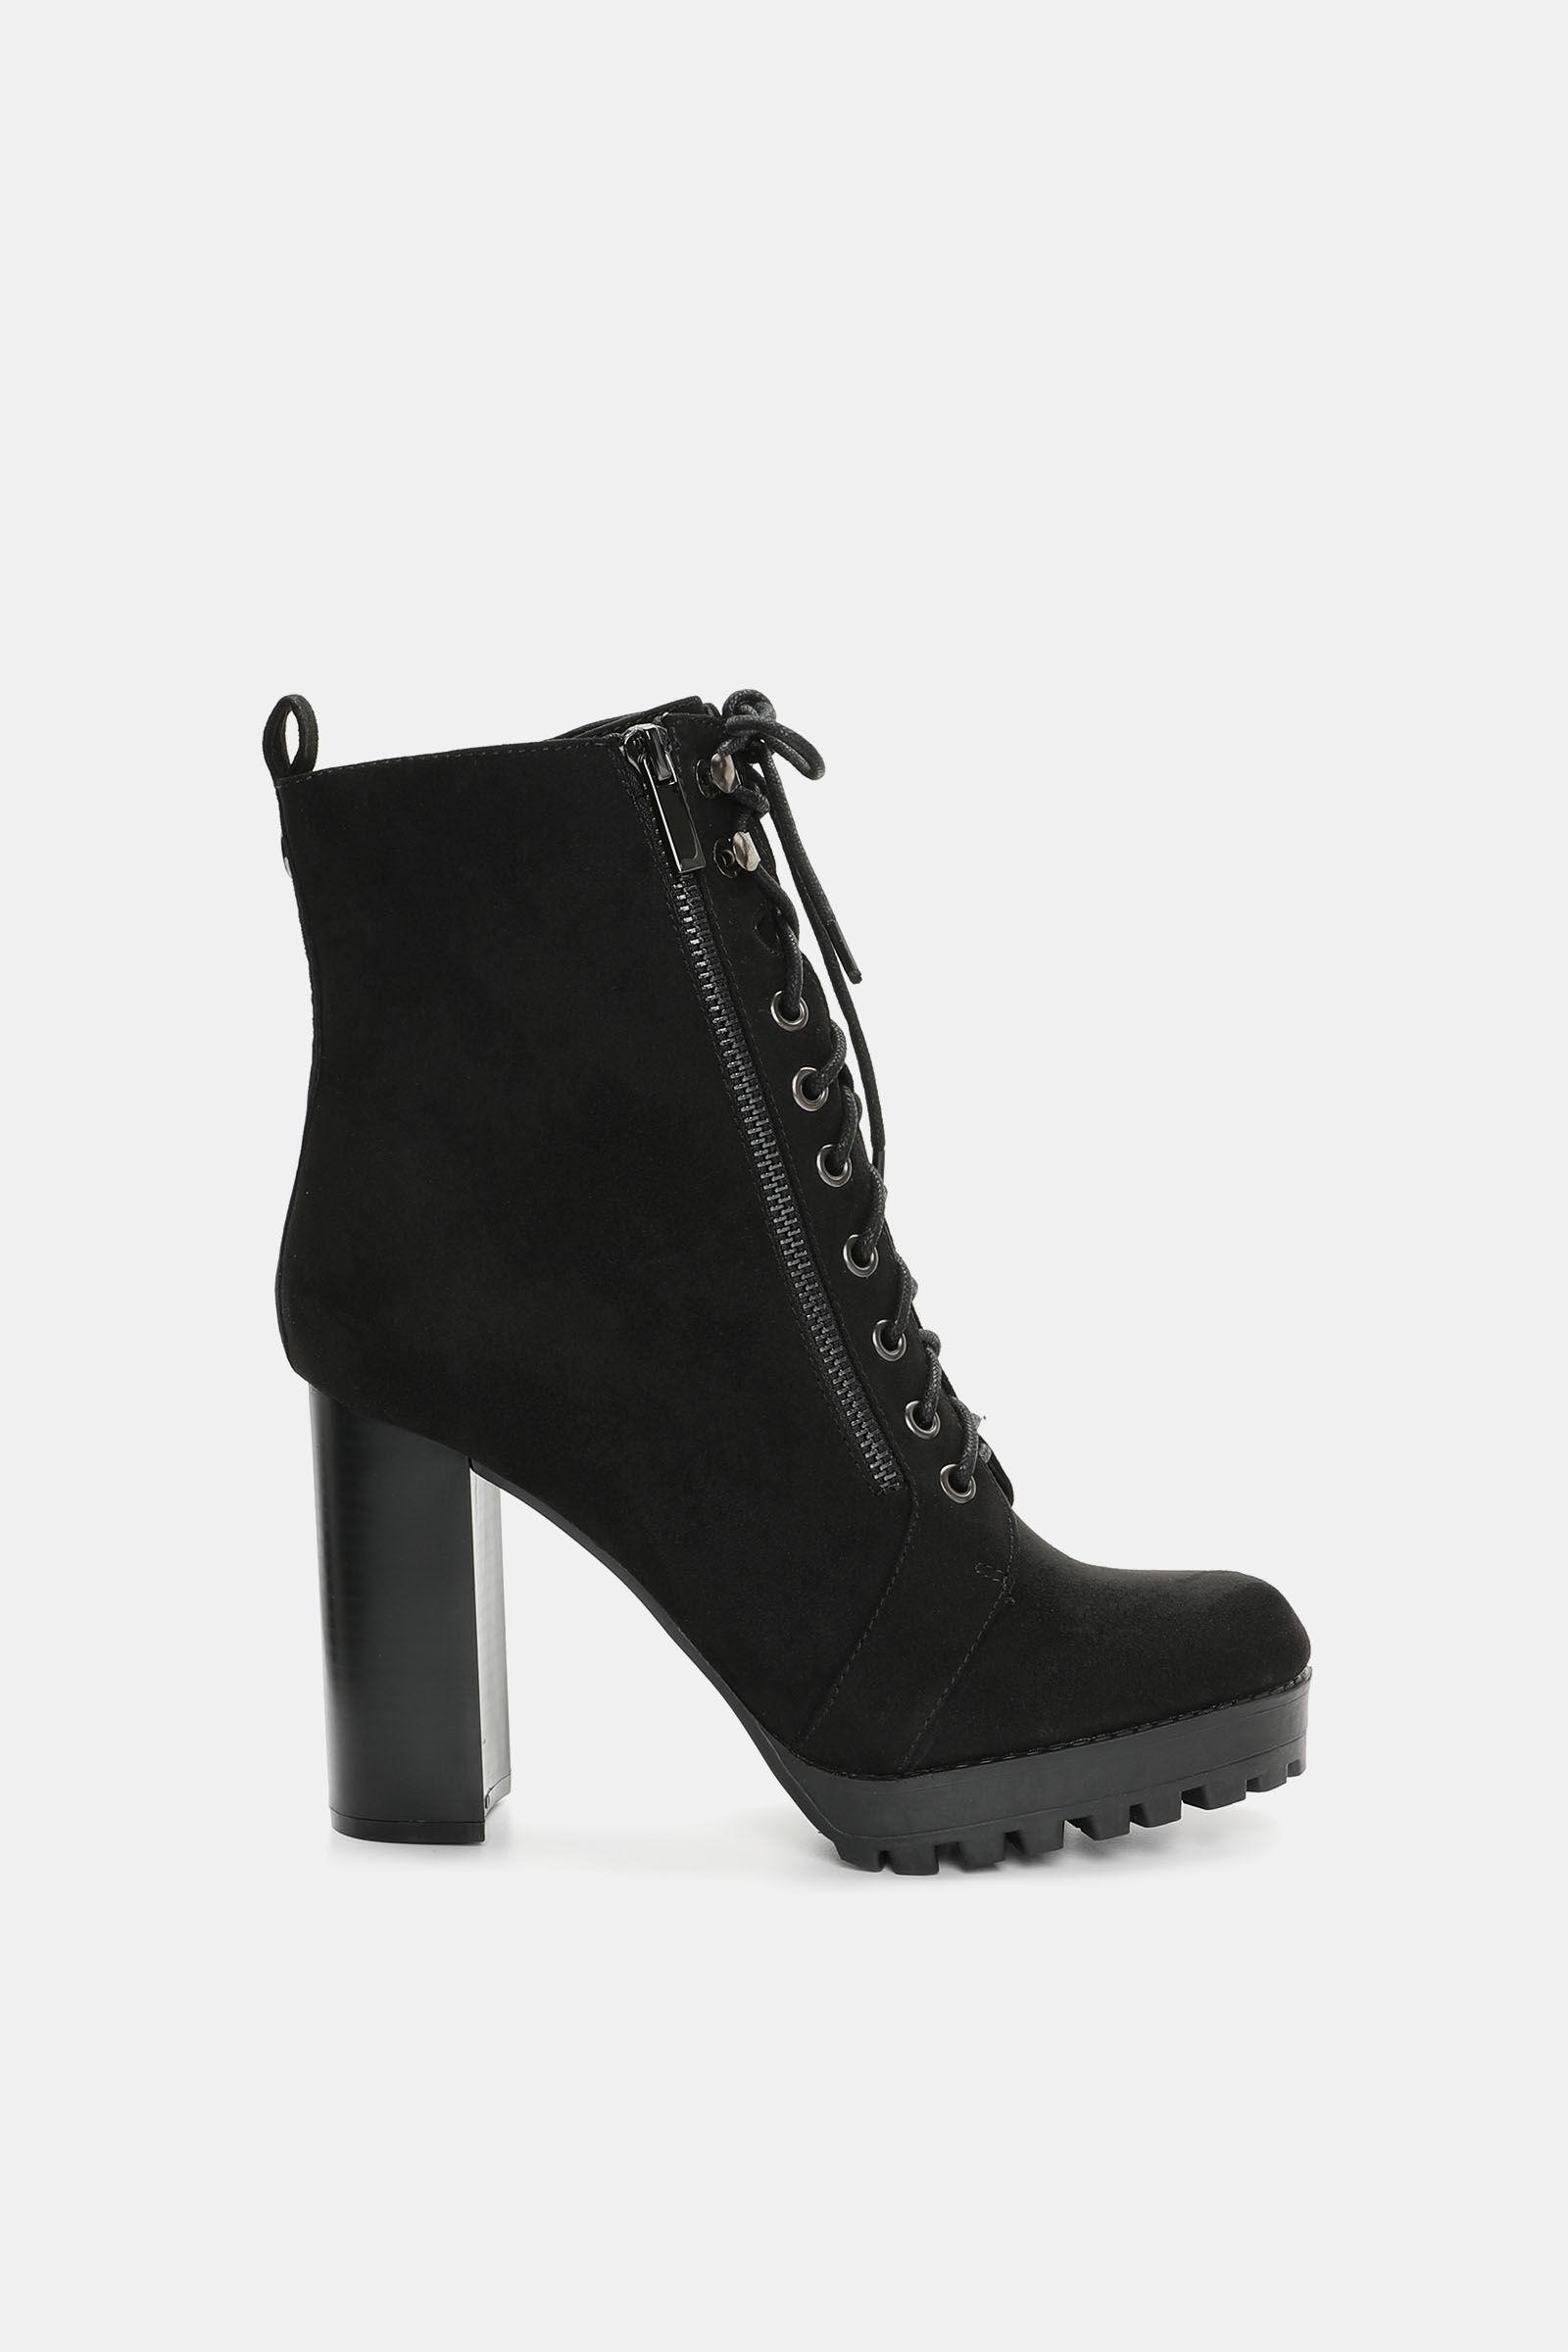 Kendall \u0026 Kylie Block Heel Combat Boots